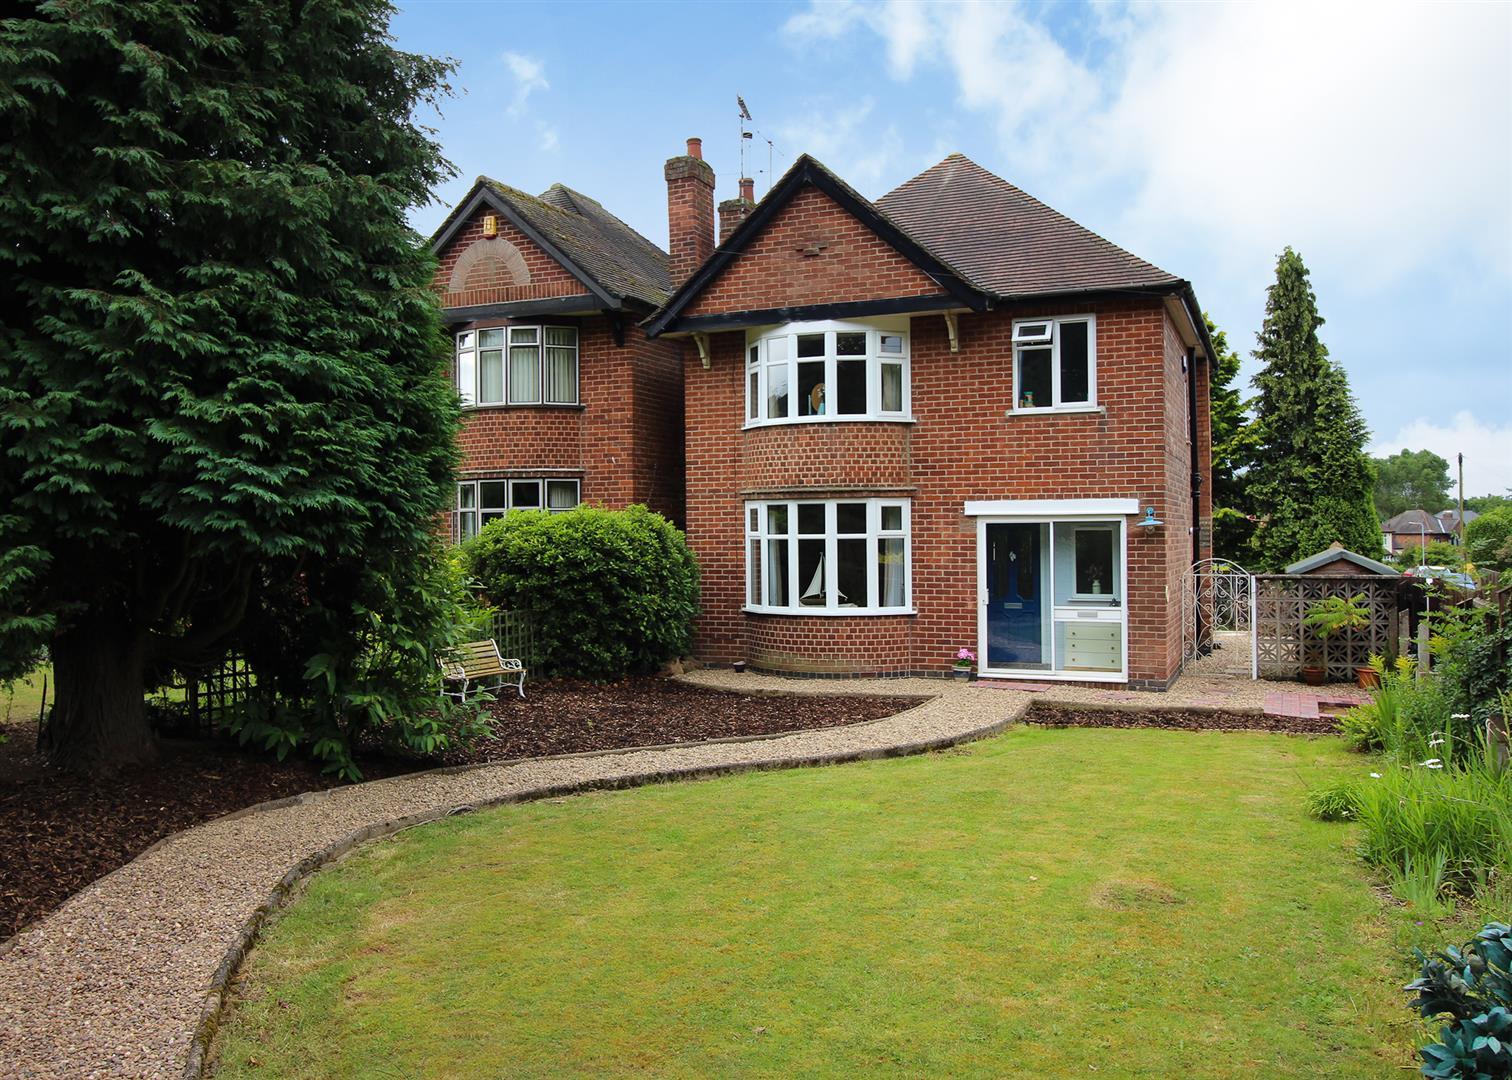 3 Bedrooms Property for sale in Ilkeston Road, Bramcote